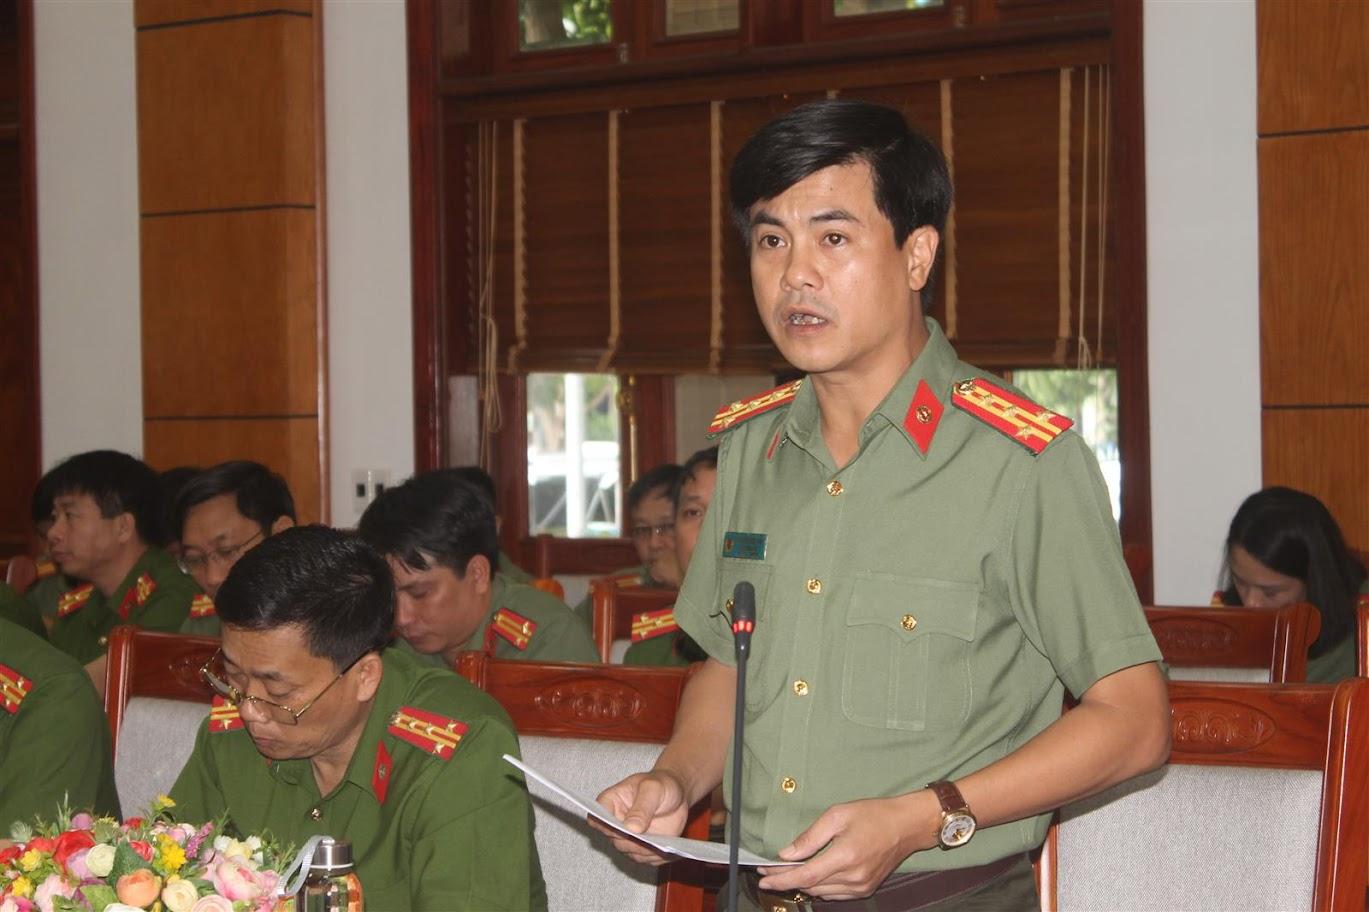 Đồng chí Đại tá Nguyễn Đức Hải, Phó Giám đốc Công an tỉnh trình bày báo cáo kết quả công tác bảo đảm an ninh an toàn Đại hội Đảng các cấp